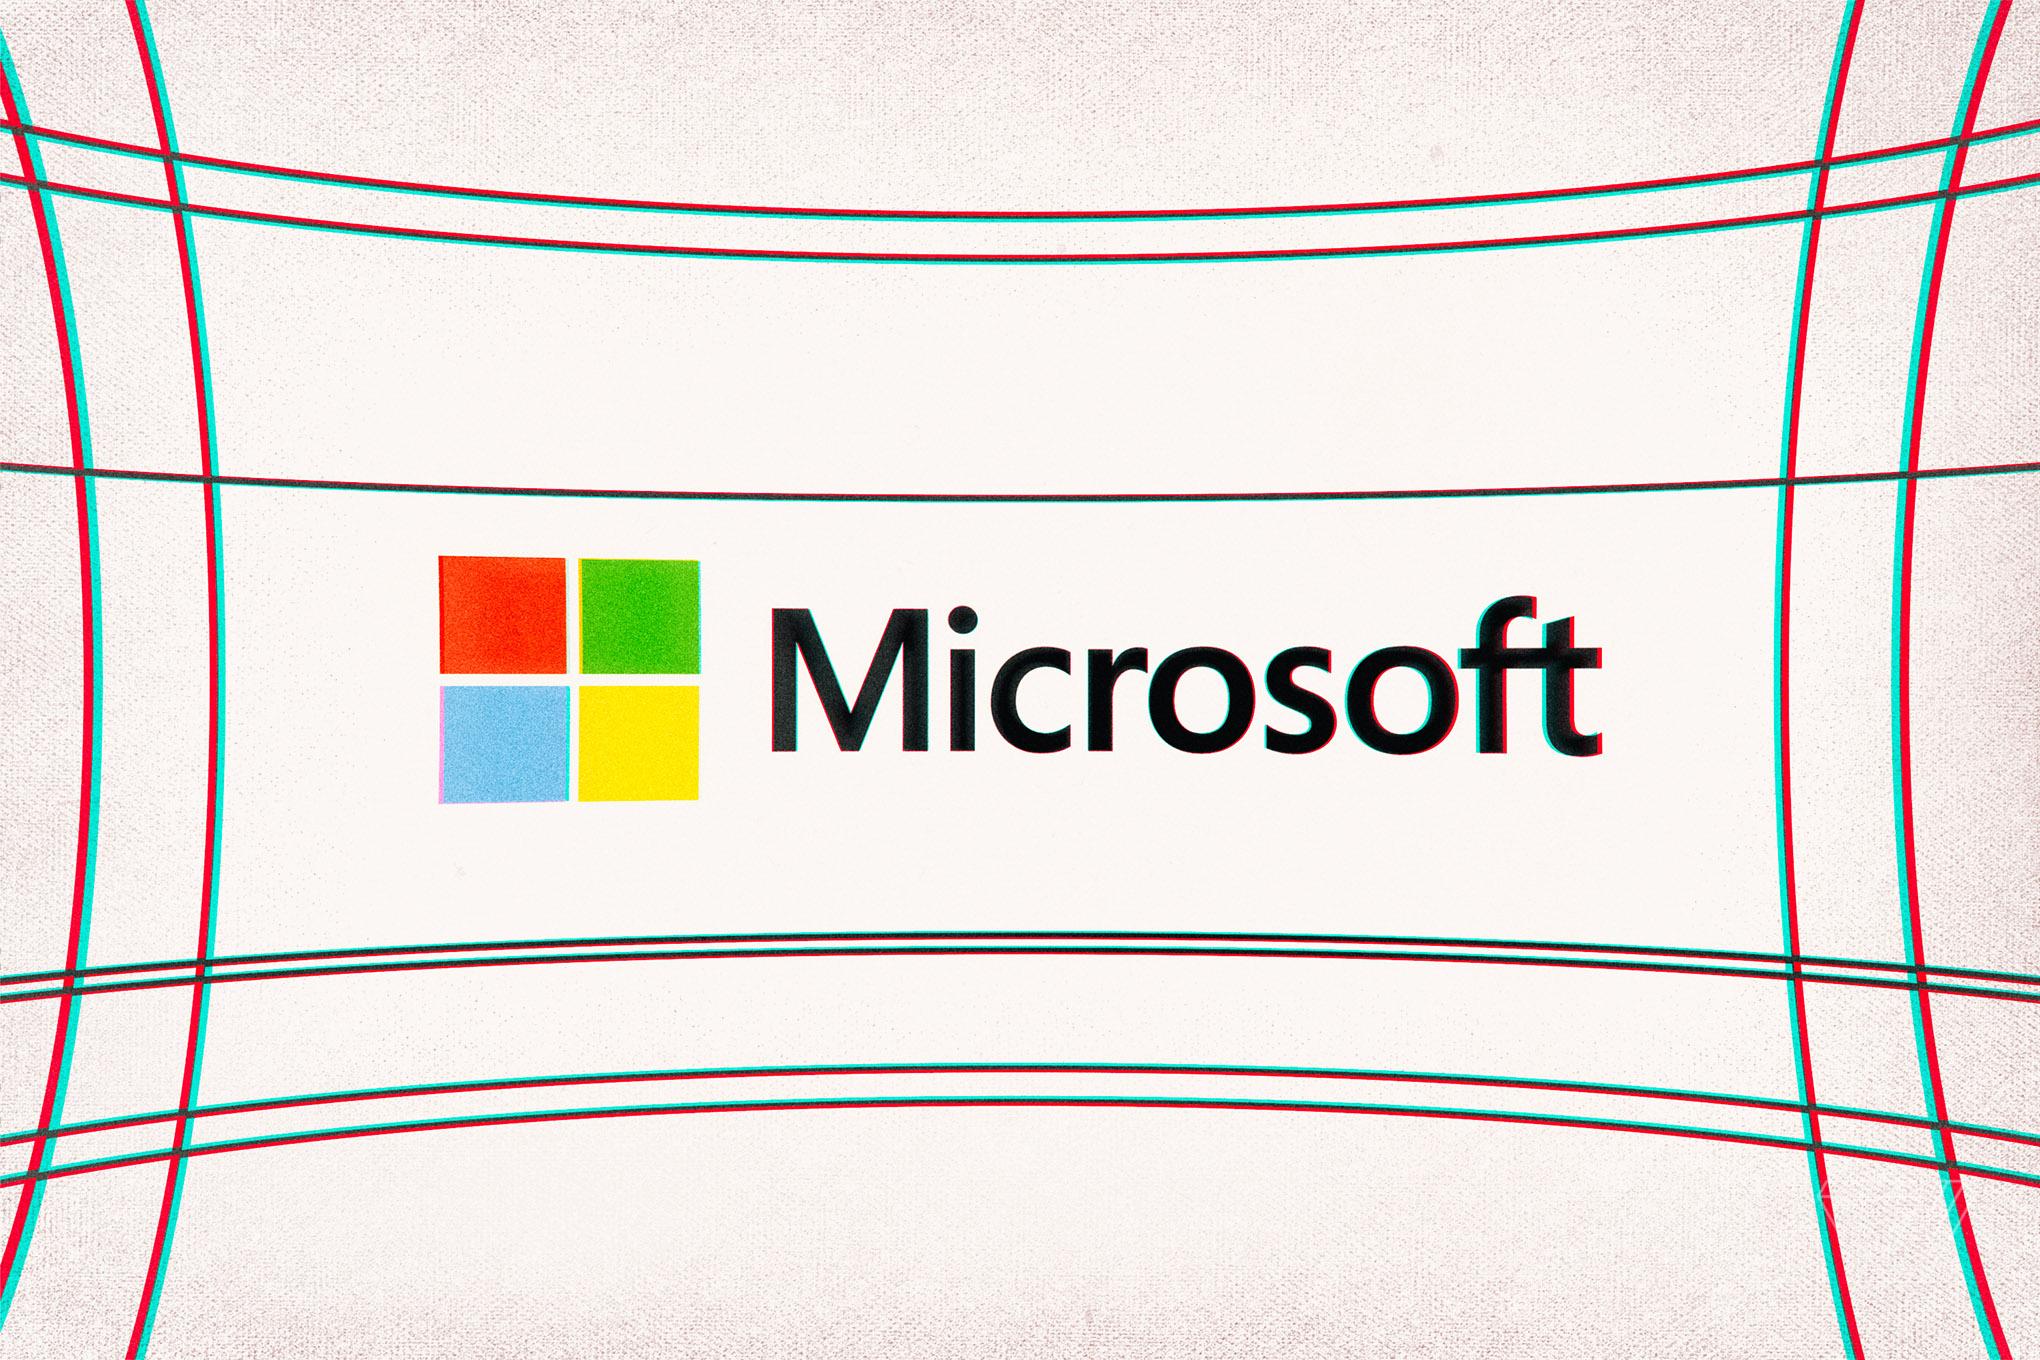 Microsoft cũng không hài lòng về sự